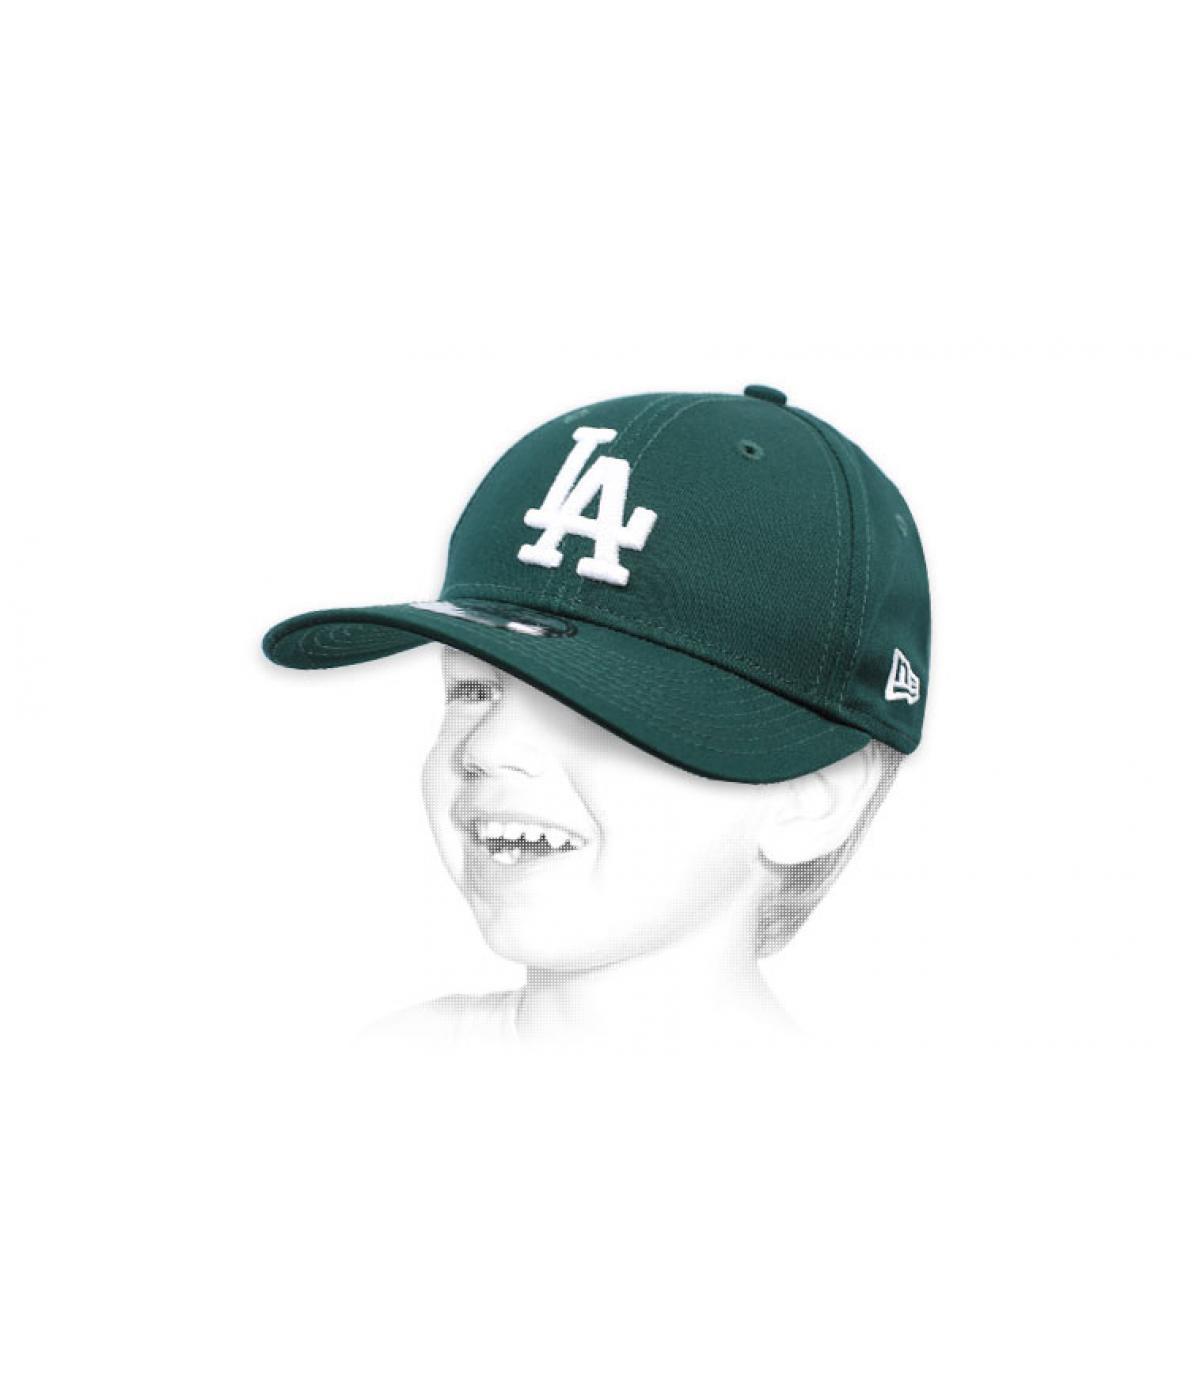 gorra niño LA verde